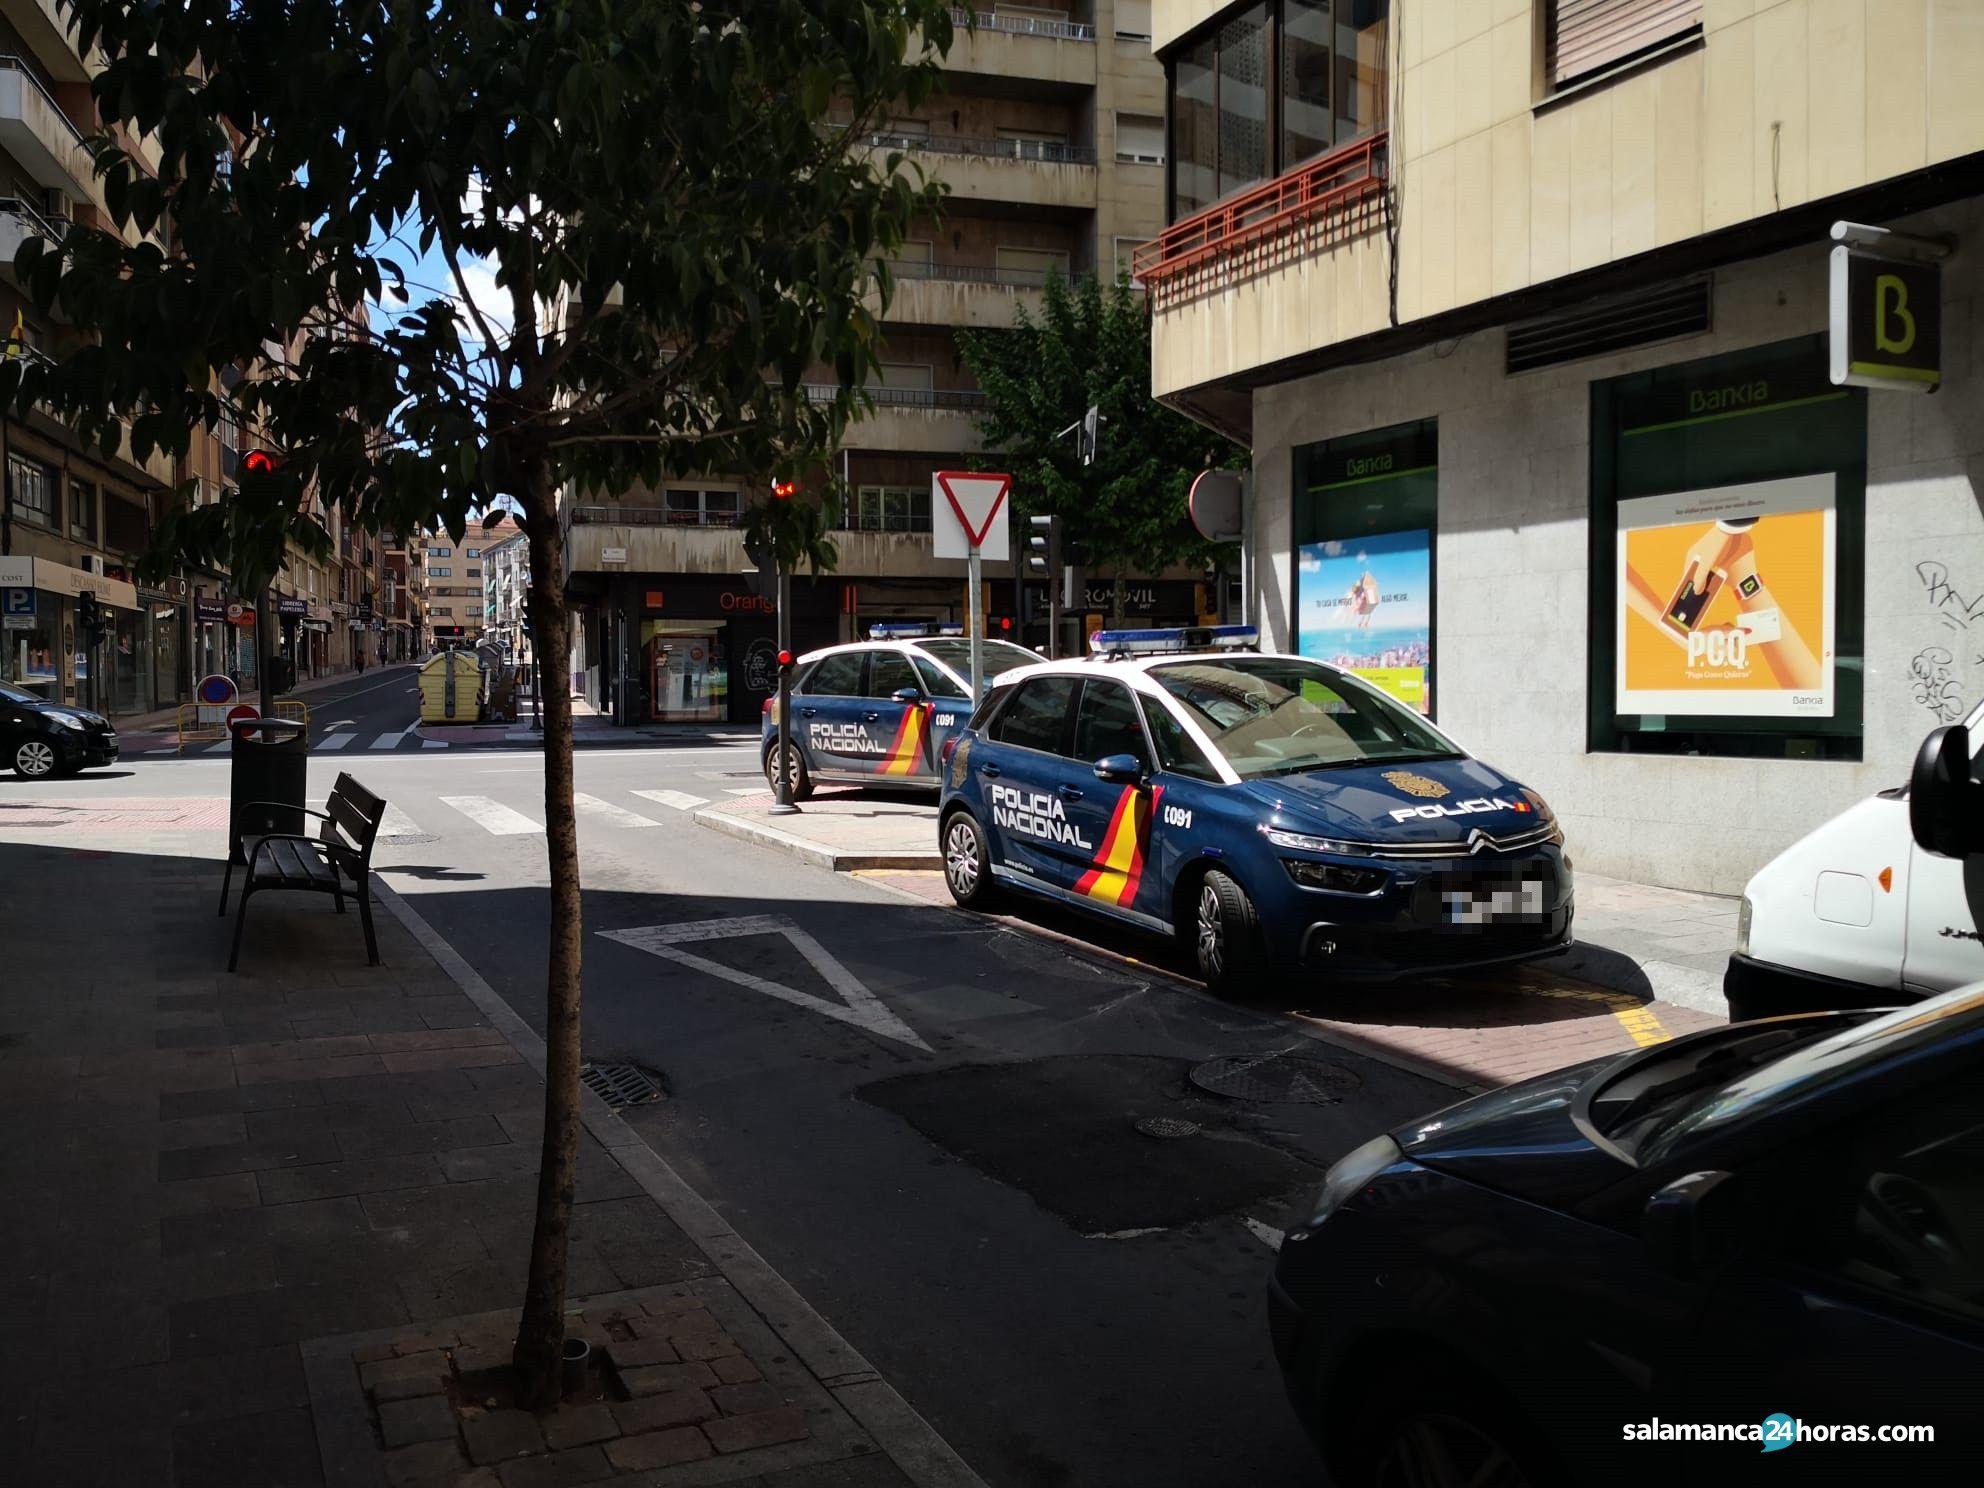 Policía Nacional en la calle Vasco de Gama